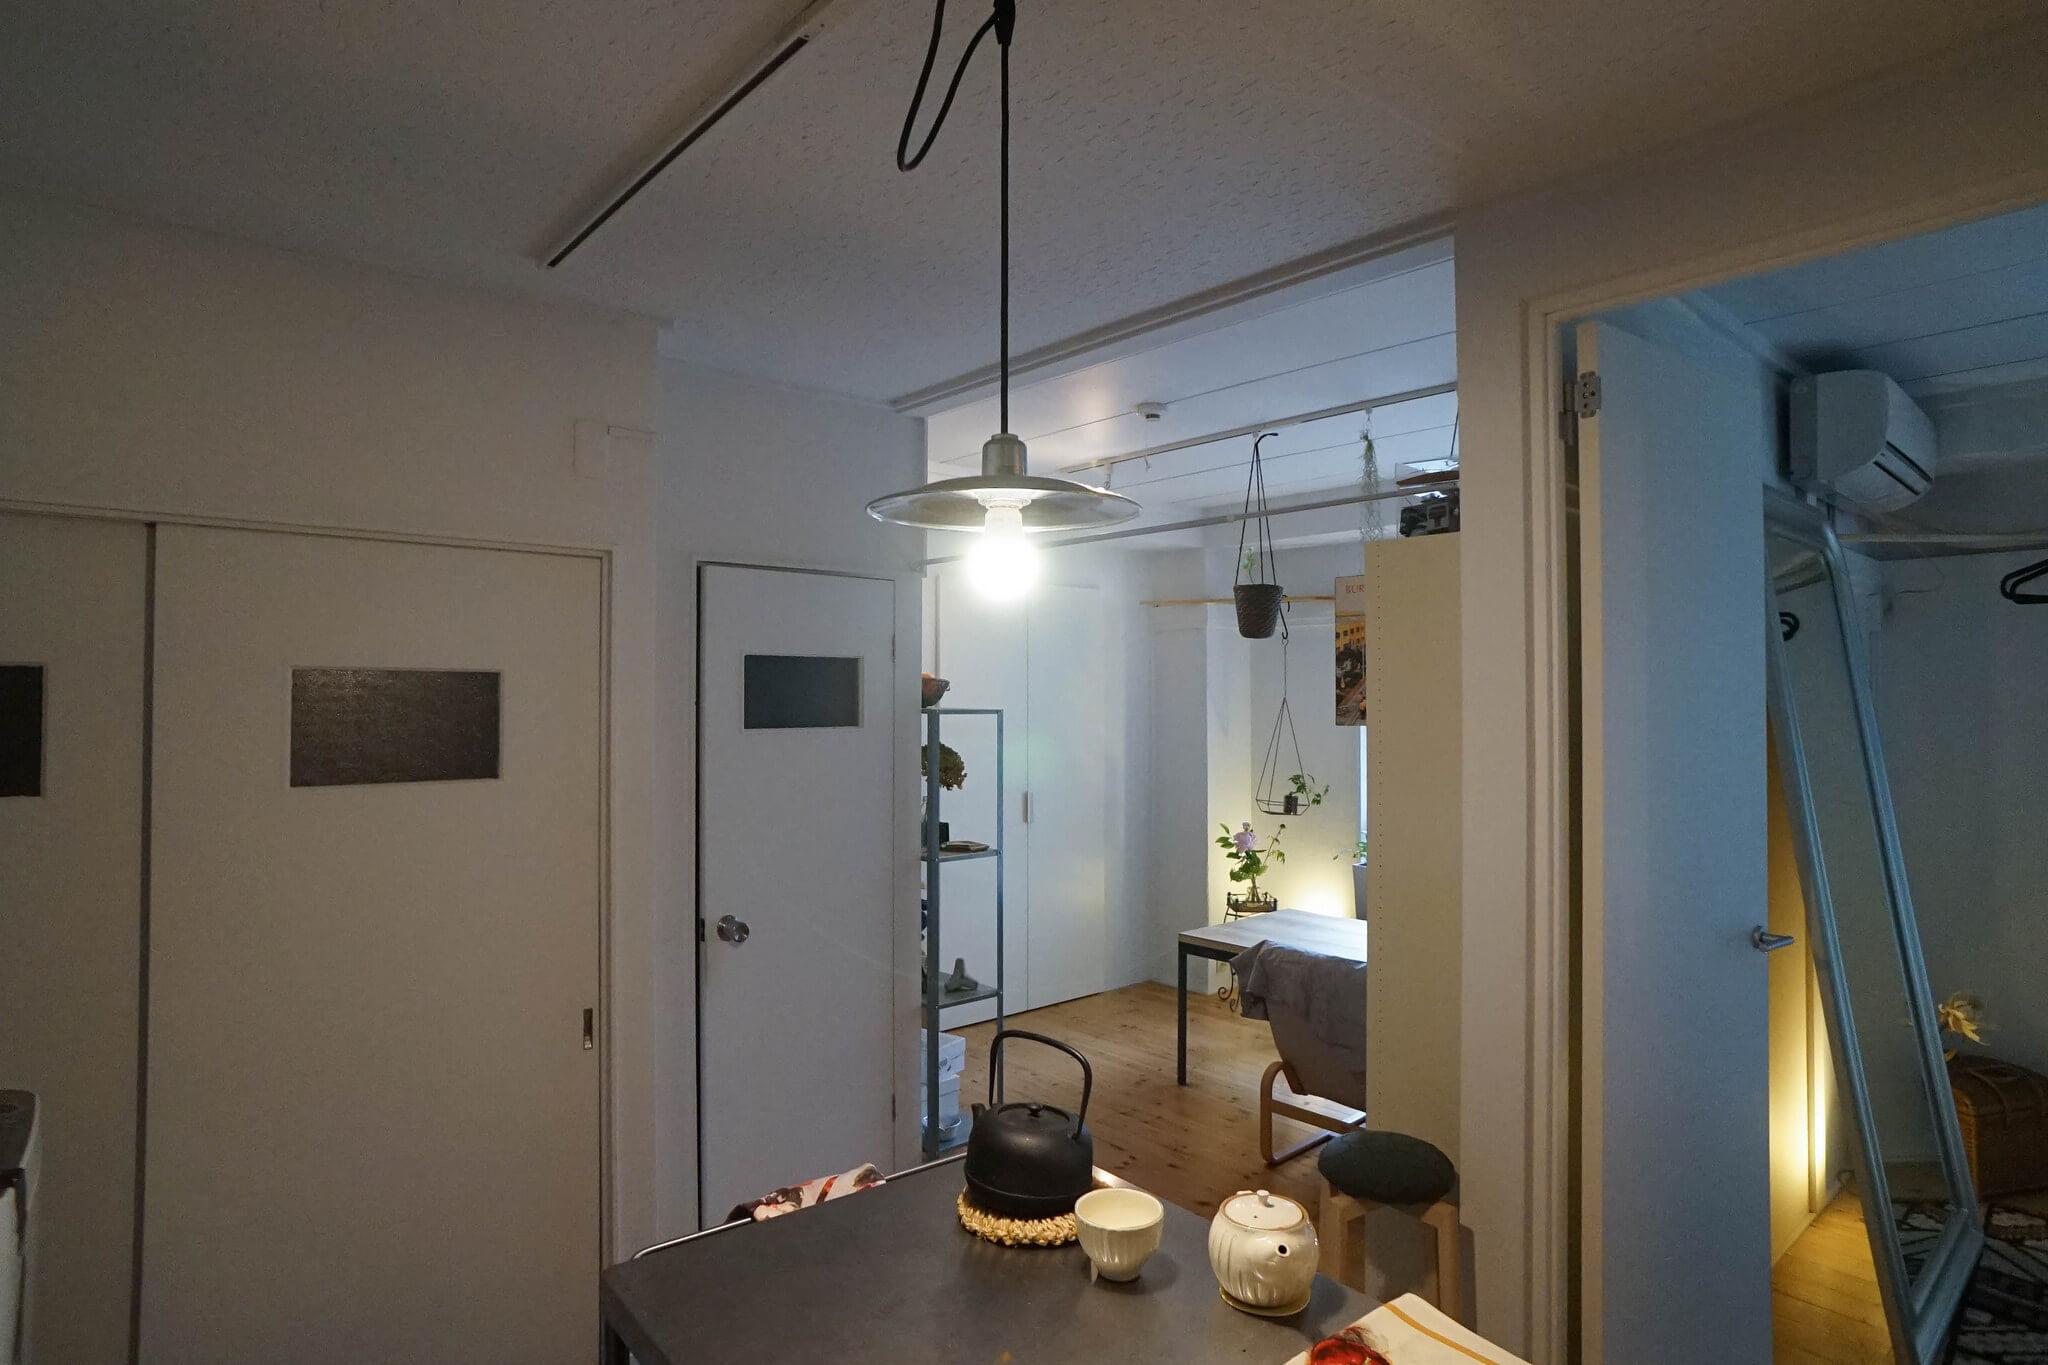 賃貸マンションの外せない蛍光灯も大嫌いだったのですが、キッチンとリビングにはライティングレールがあって、好きな照明をつけられるのが本当に嬉しいです。